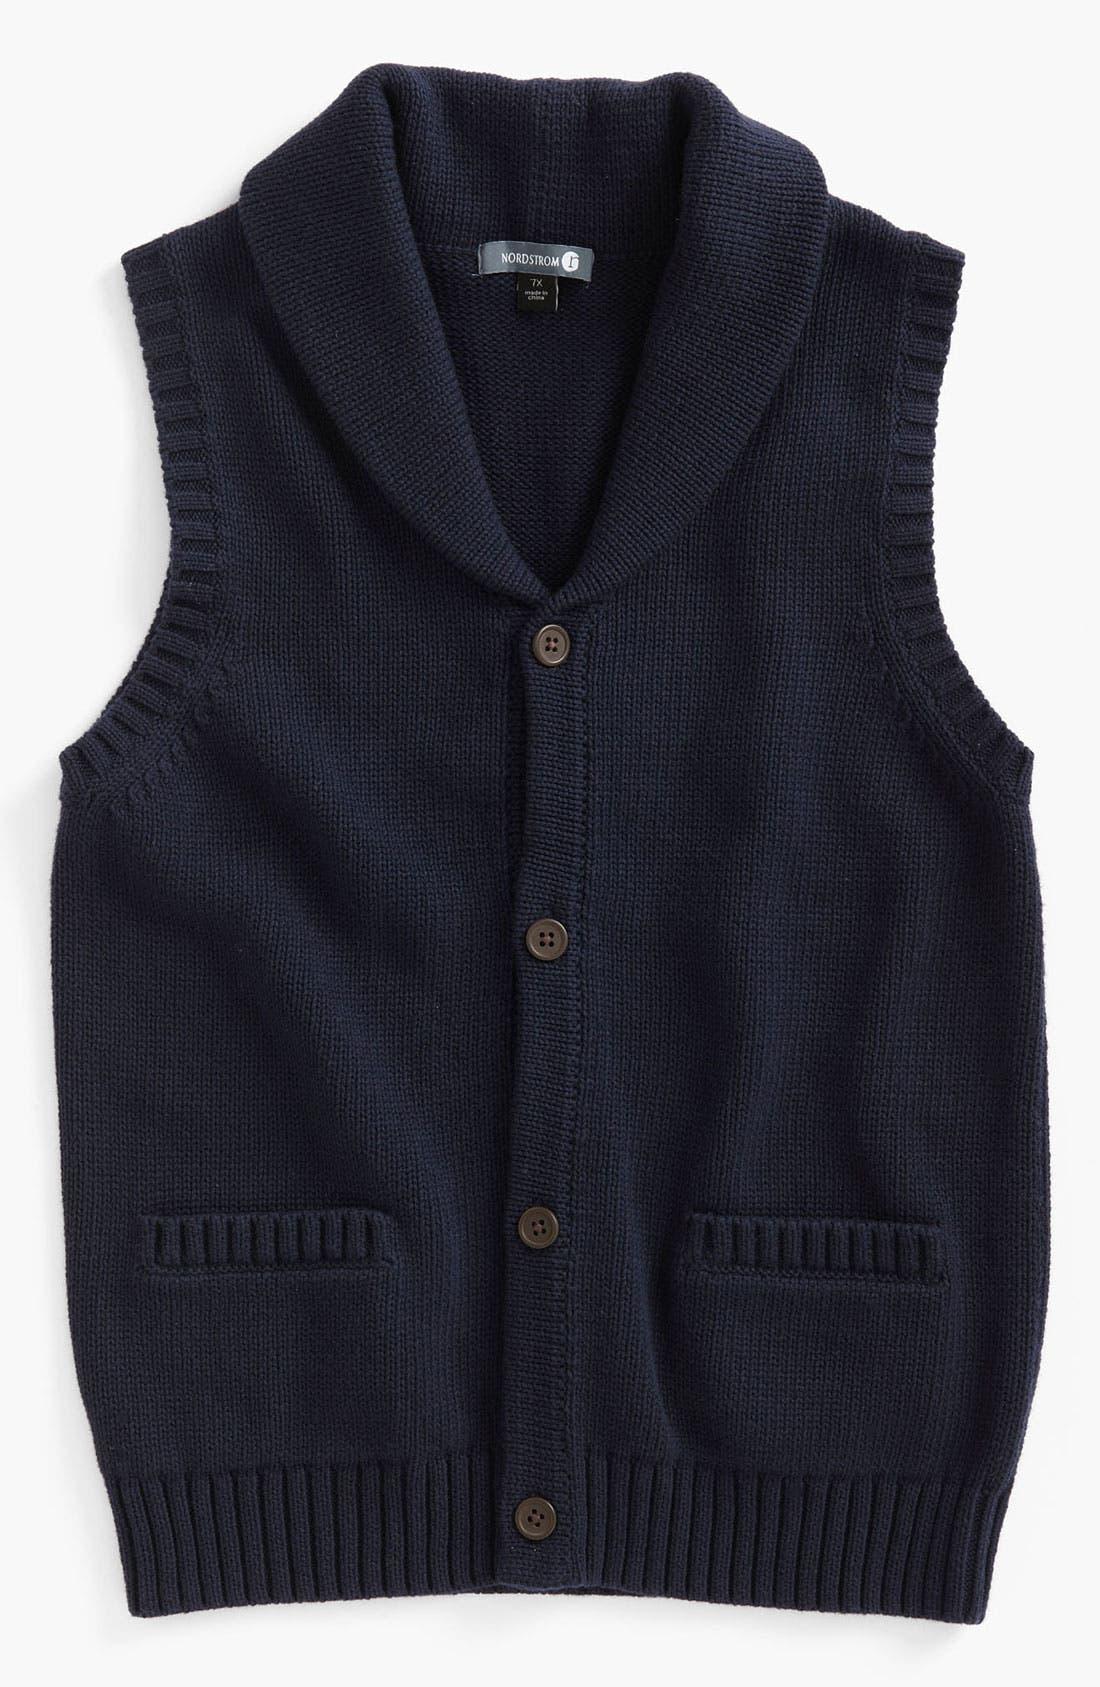 Alternate Image 1 Selected - Nordstrom 'Chandler' Sweater Vest (Big Boys)